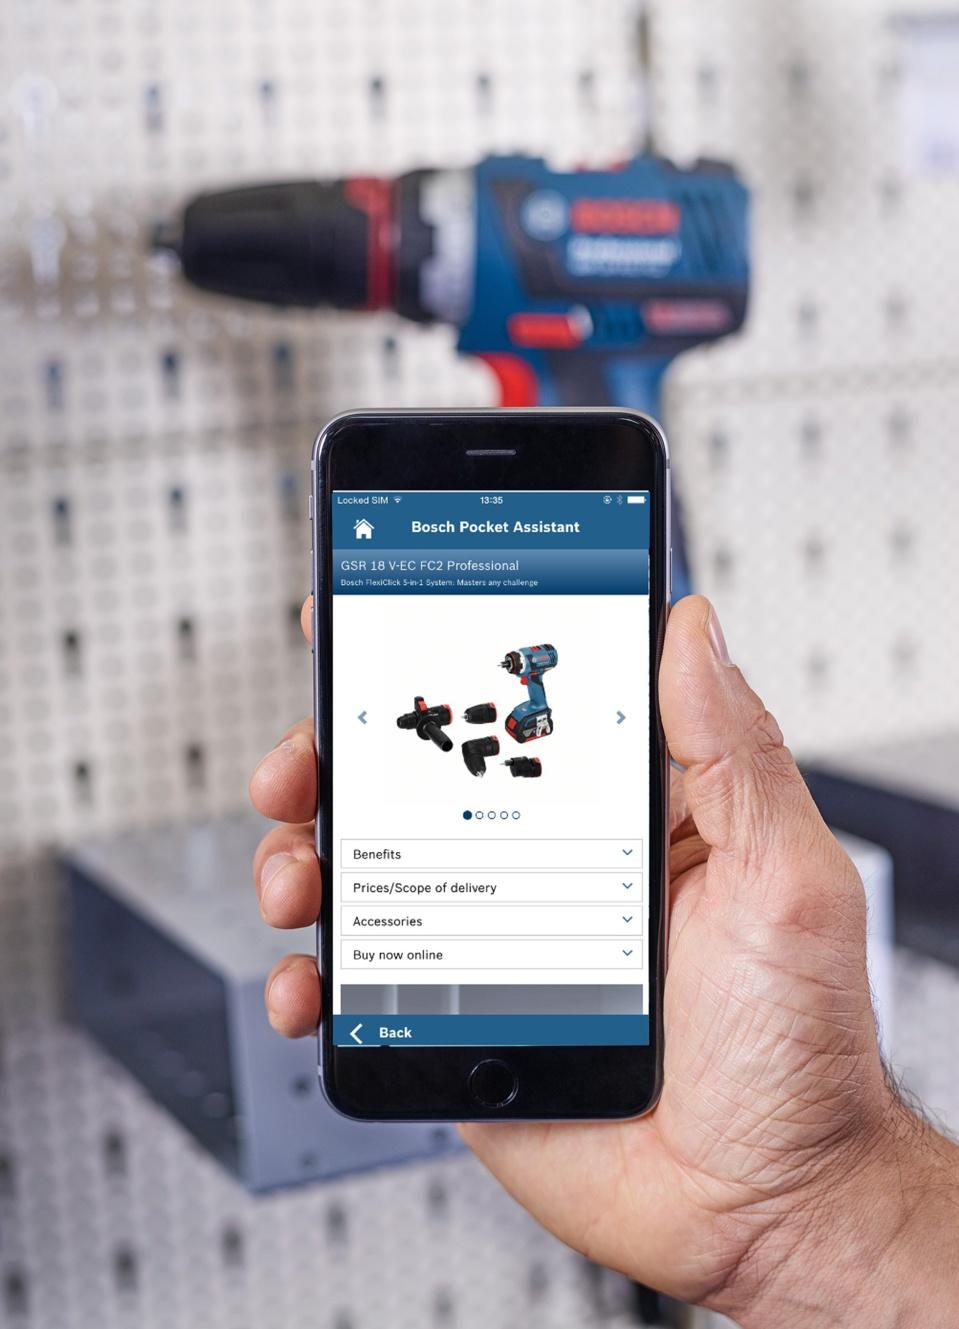 Trouver facilement votre produit depuis votre smartphone - Bosch Pocket Assistant : une application de reconnaissance de produit pour professionnels